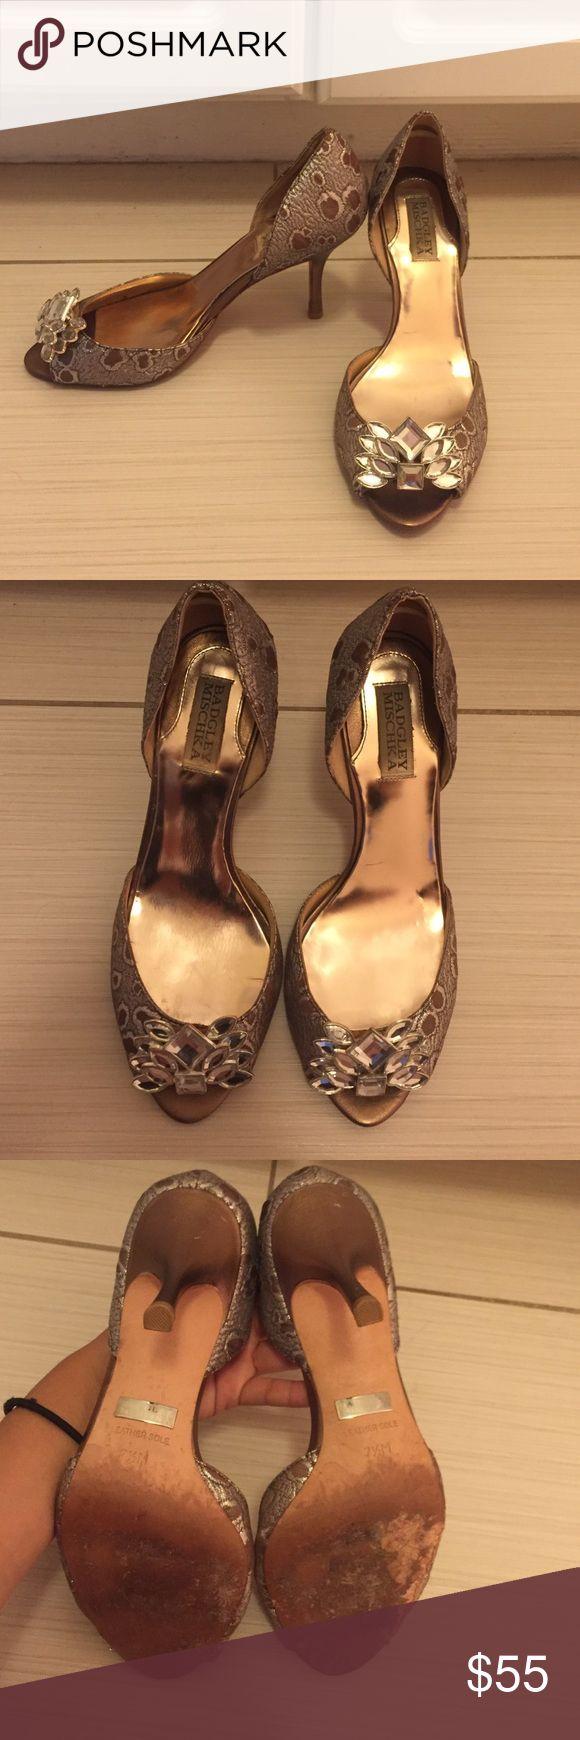 Badgley Mischka Heels Jacquard printed 2 inch heels with cute jewels at toe peep hole. Badgley Mischka Shoes Heels